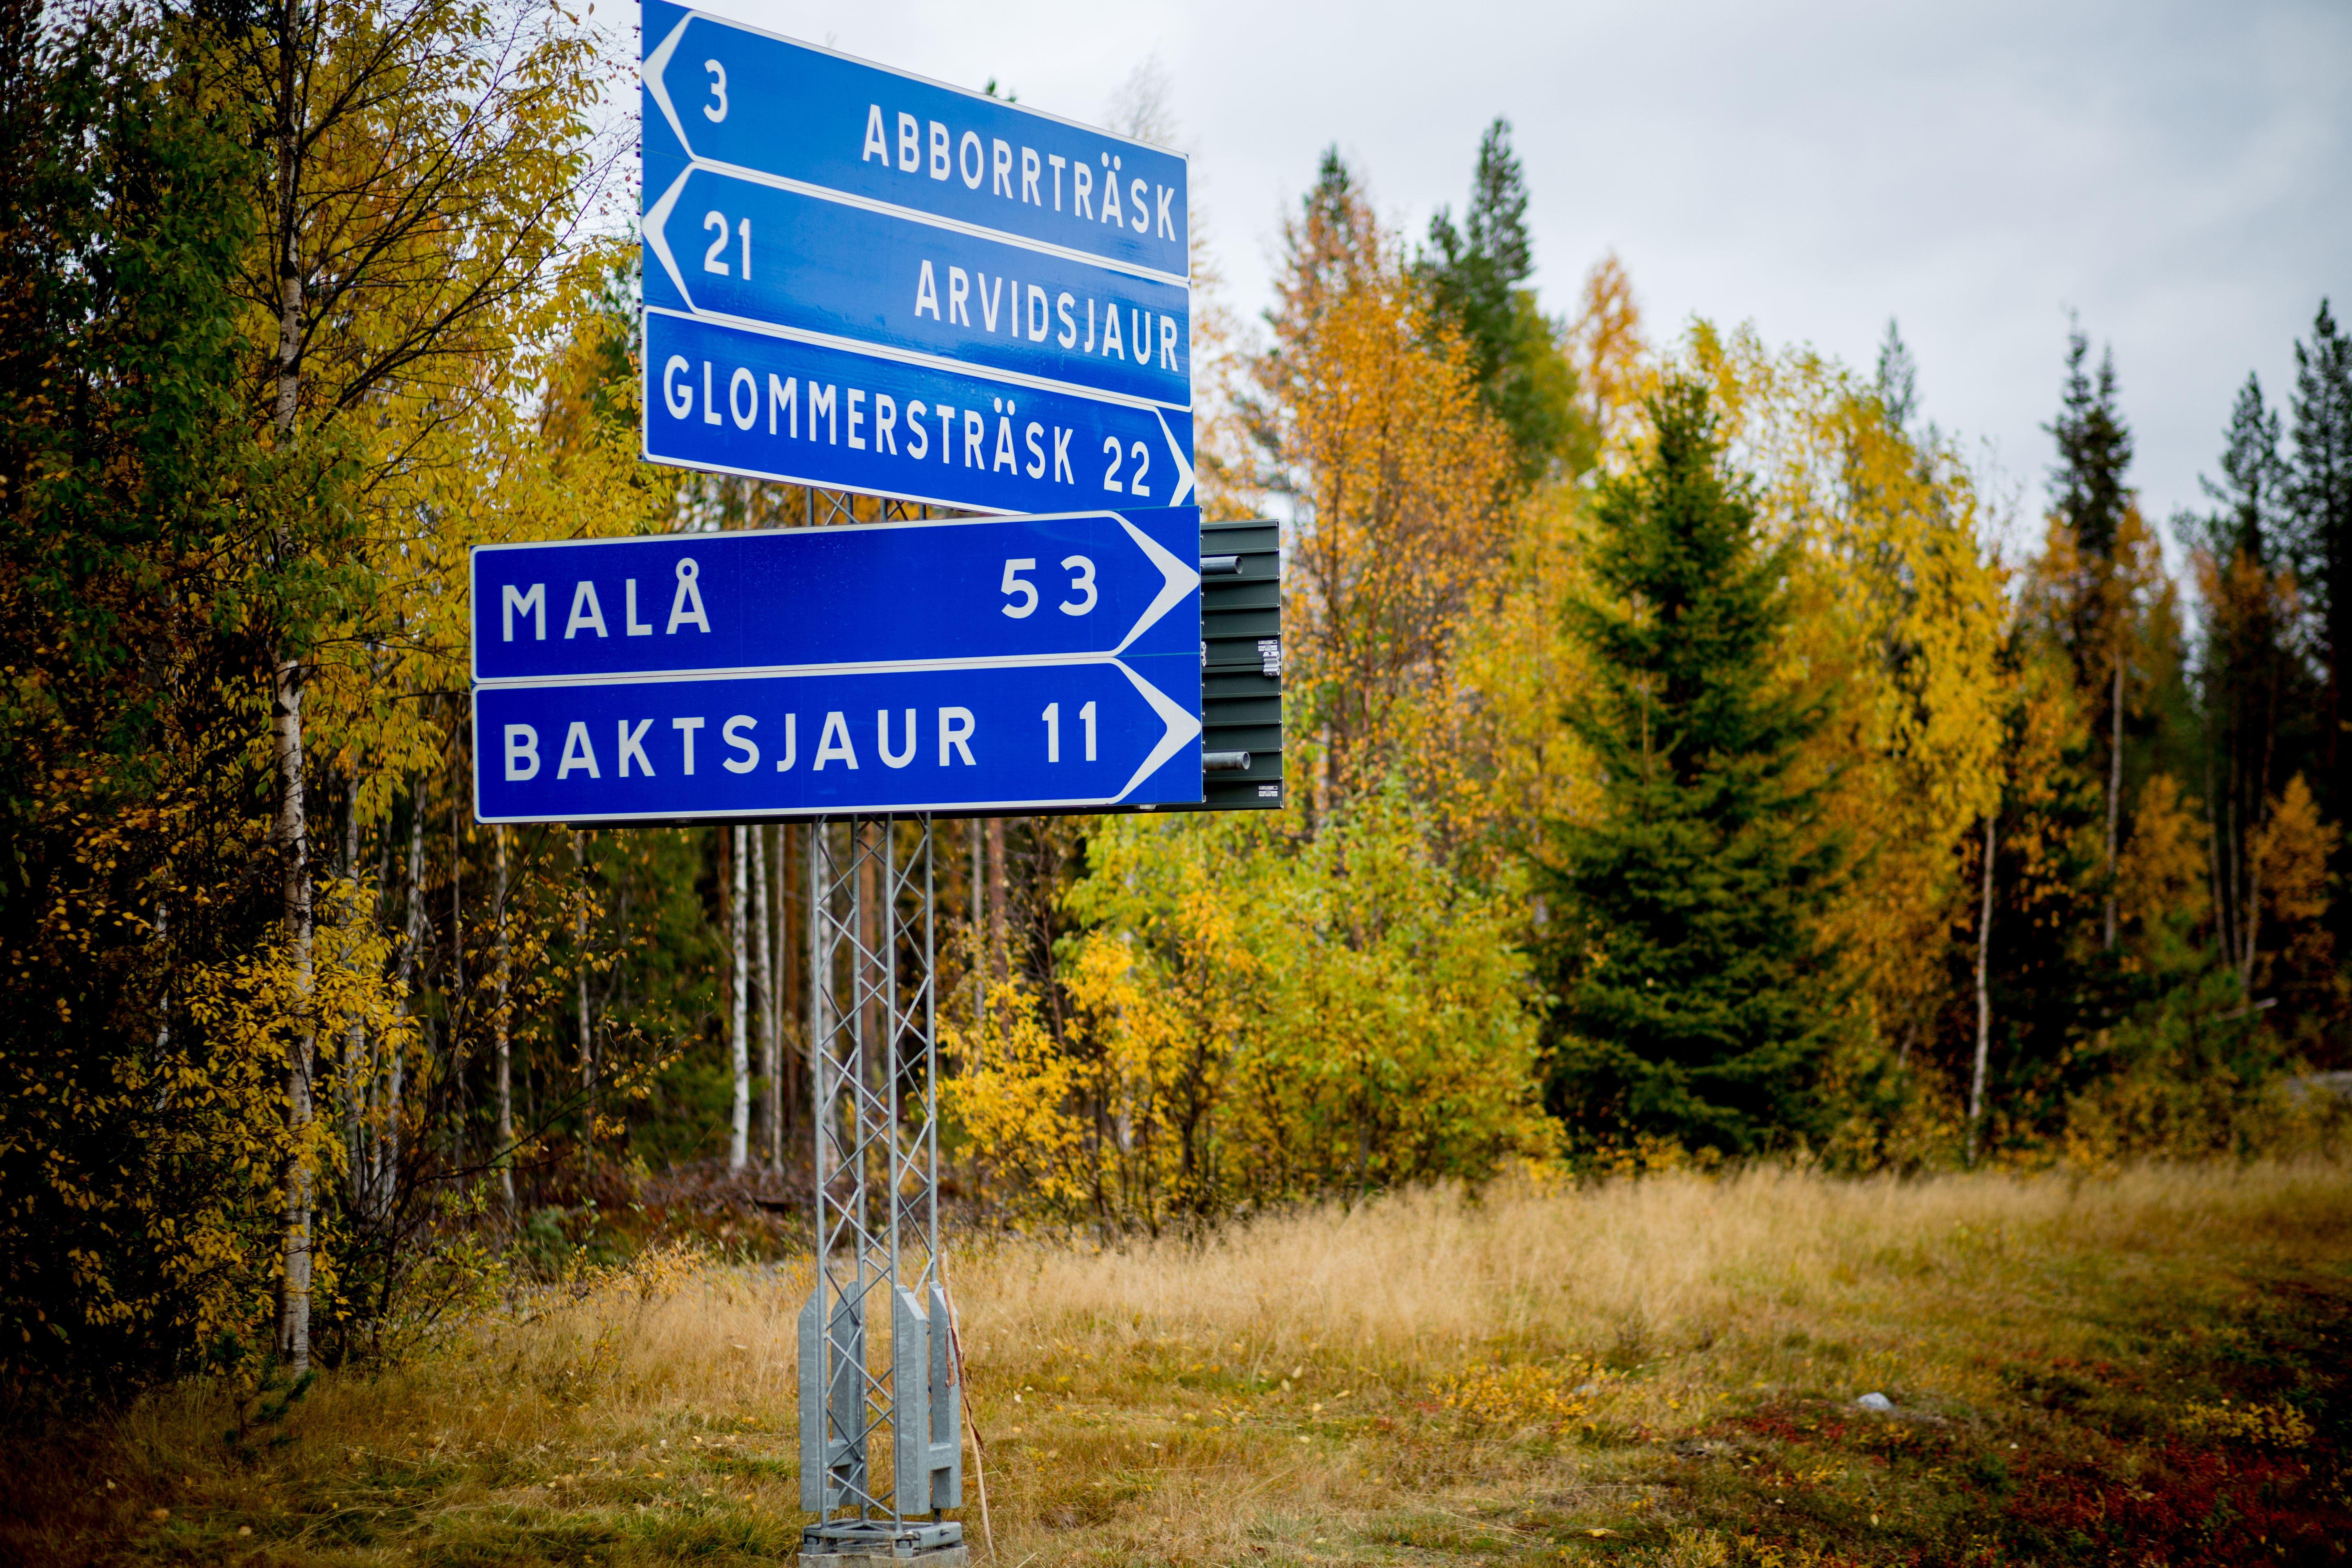 Foto: www.ricke.se, Gomorron Malå - På gång inom handel och besöksnäring